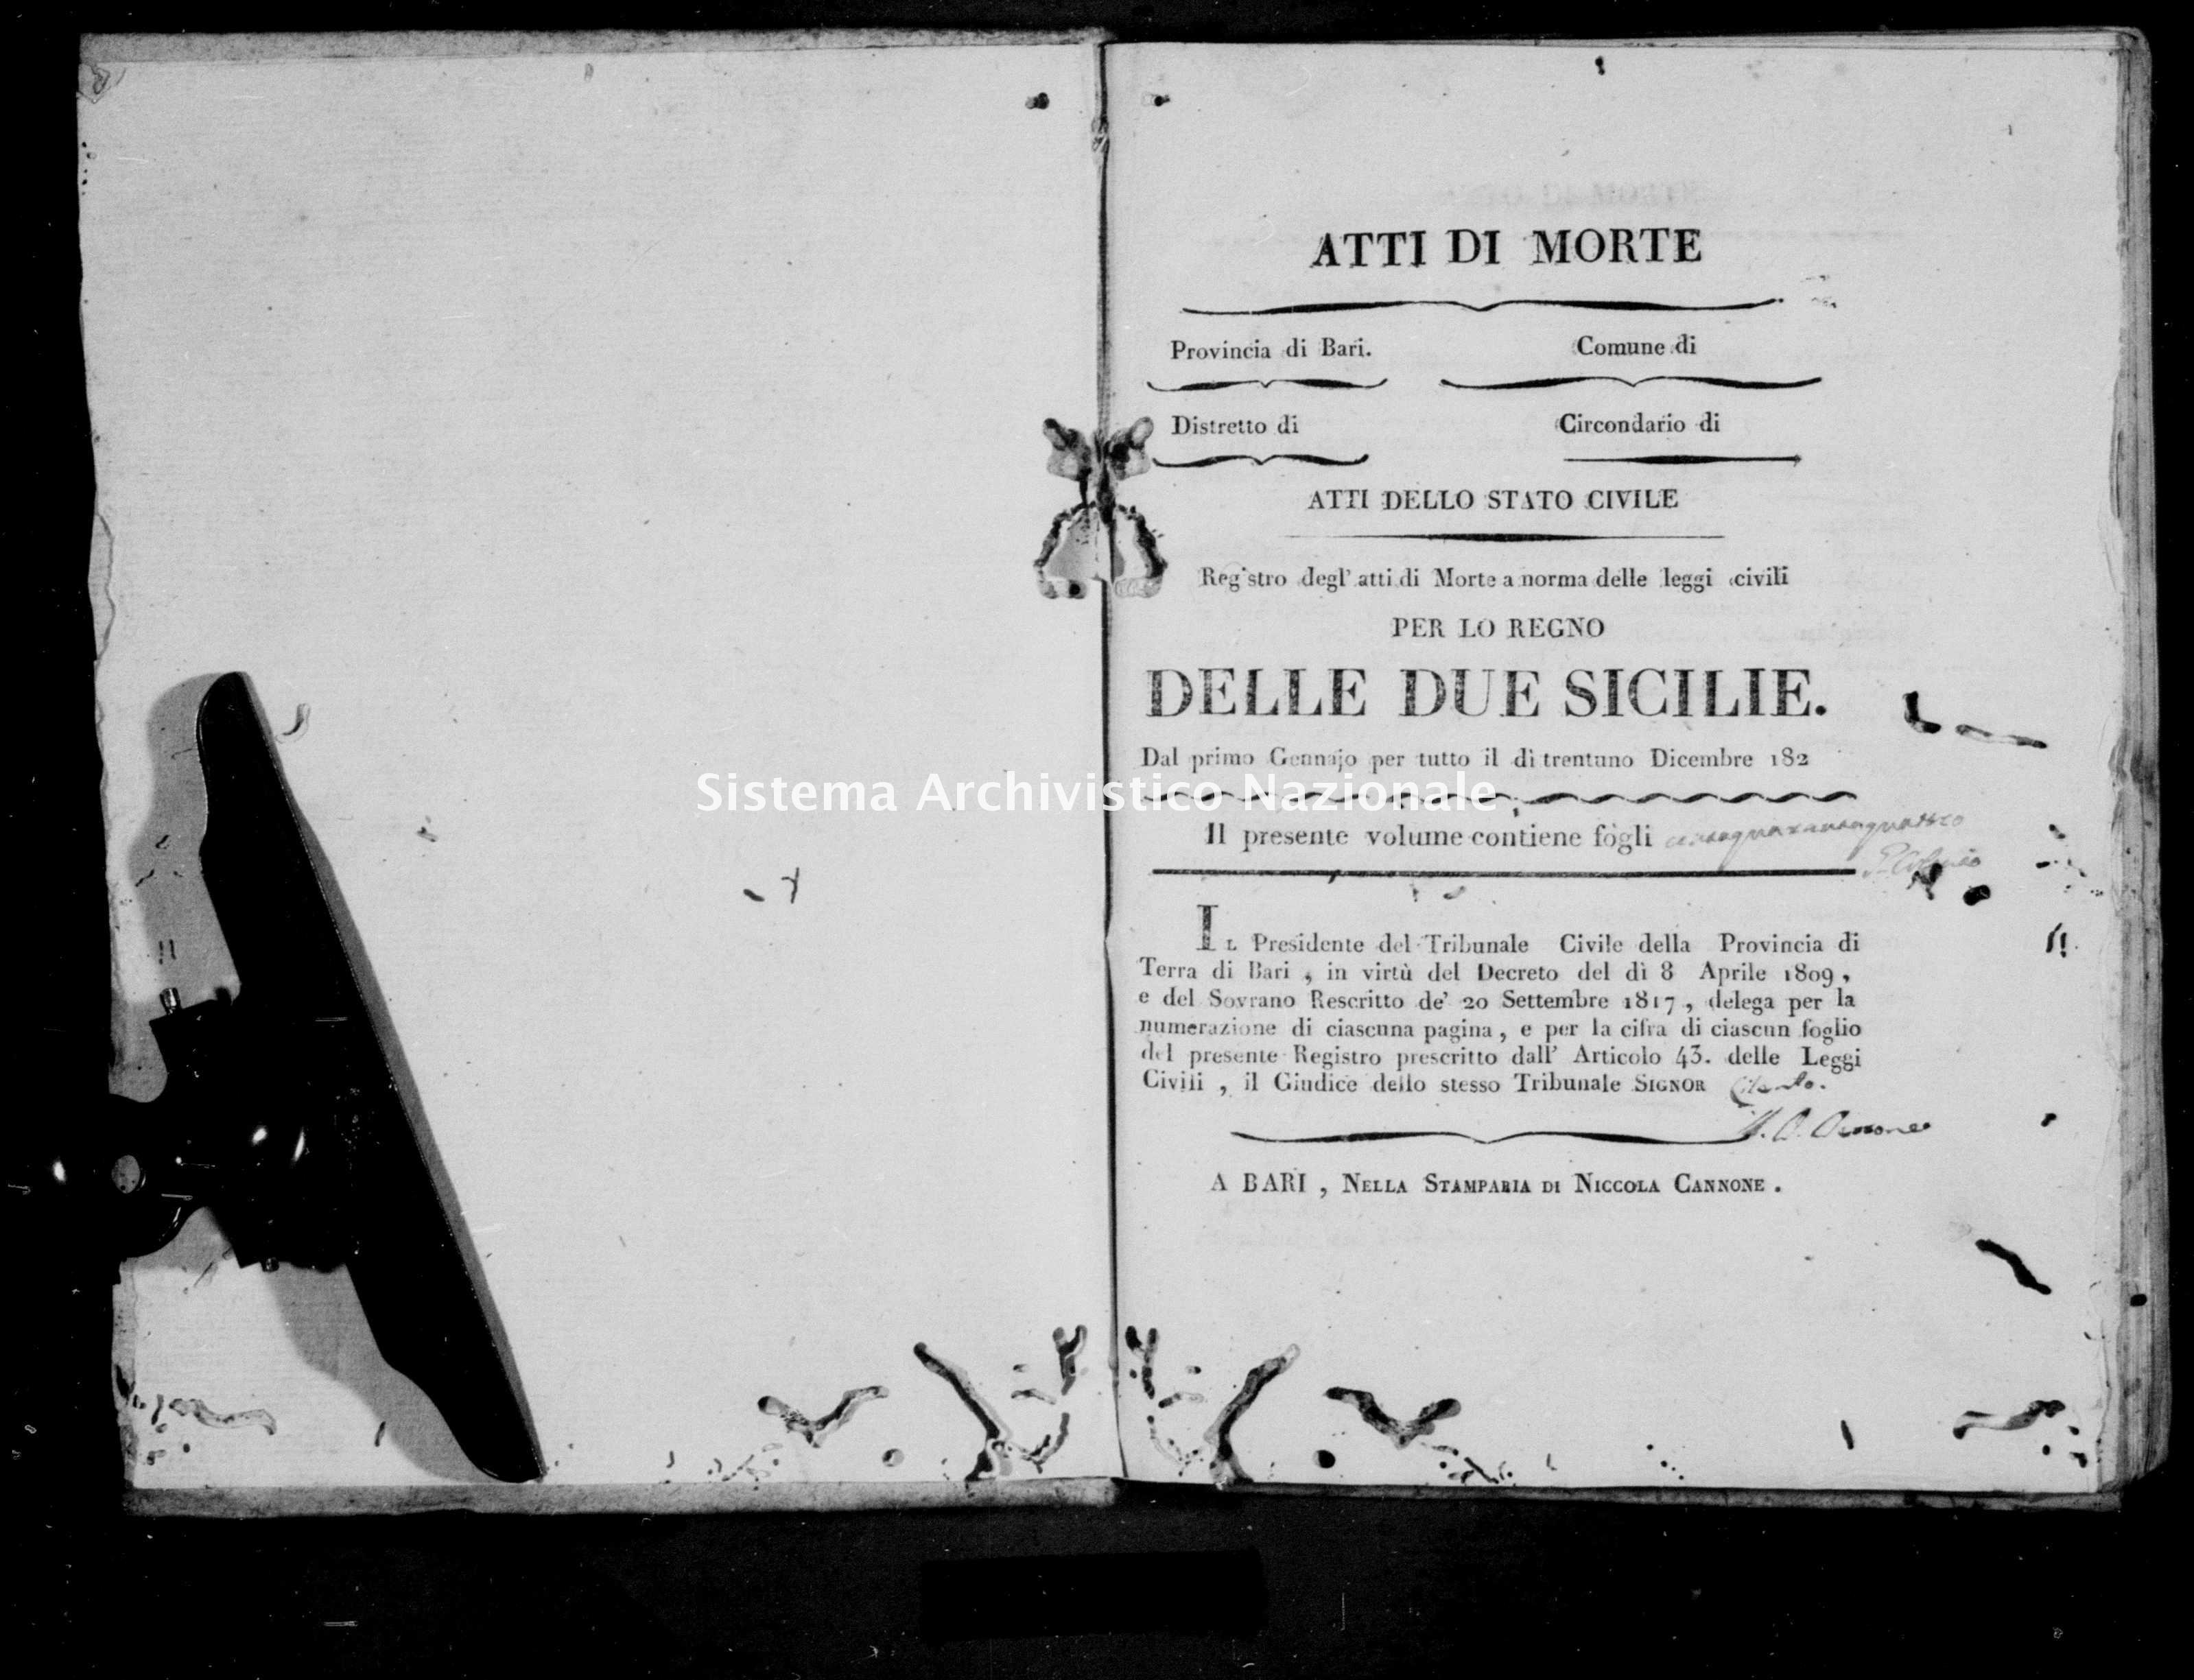 Archivio di stato di Bari - Stato civile della restaurazione - Noja - Morti - 1821 -